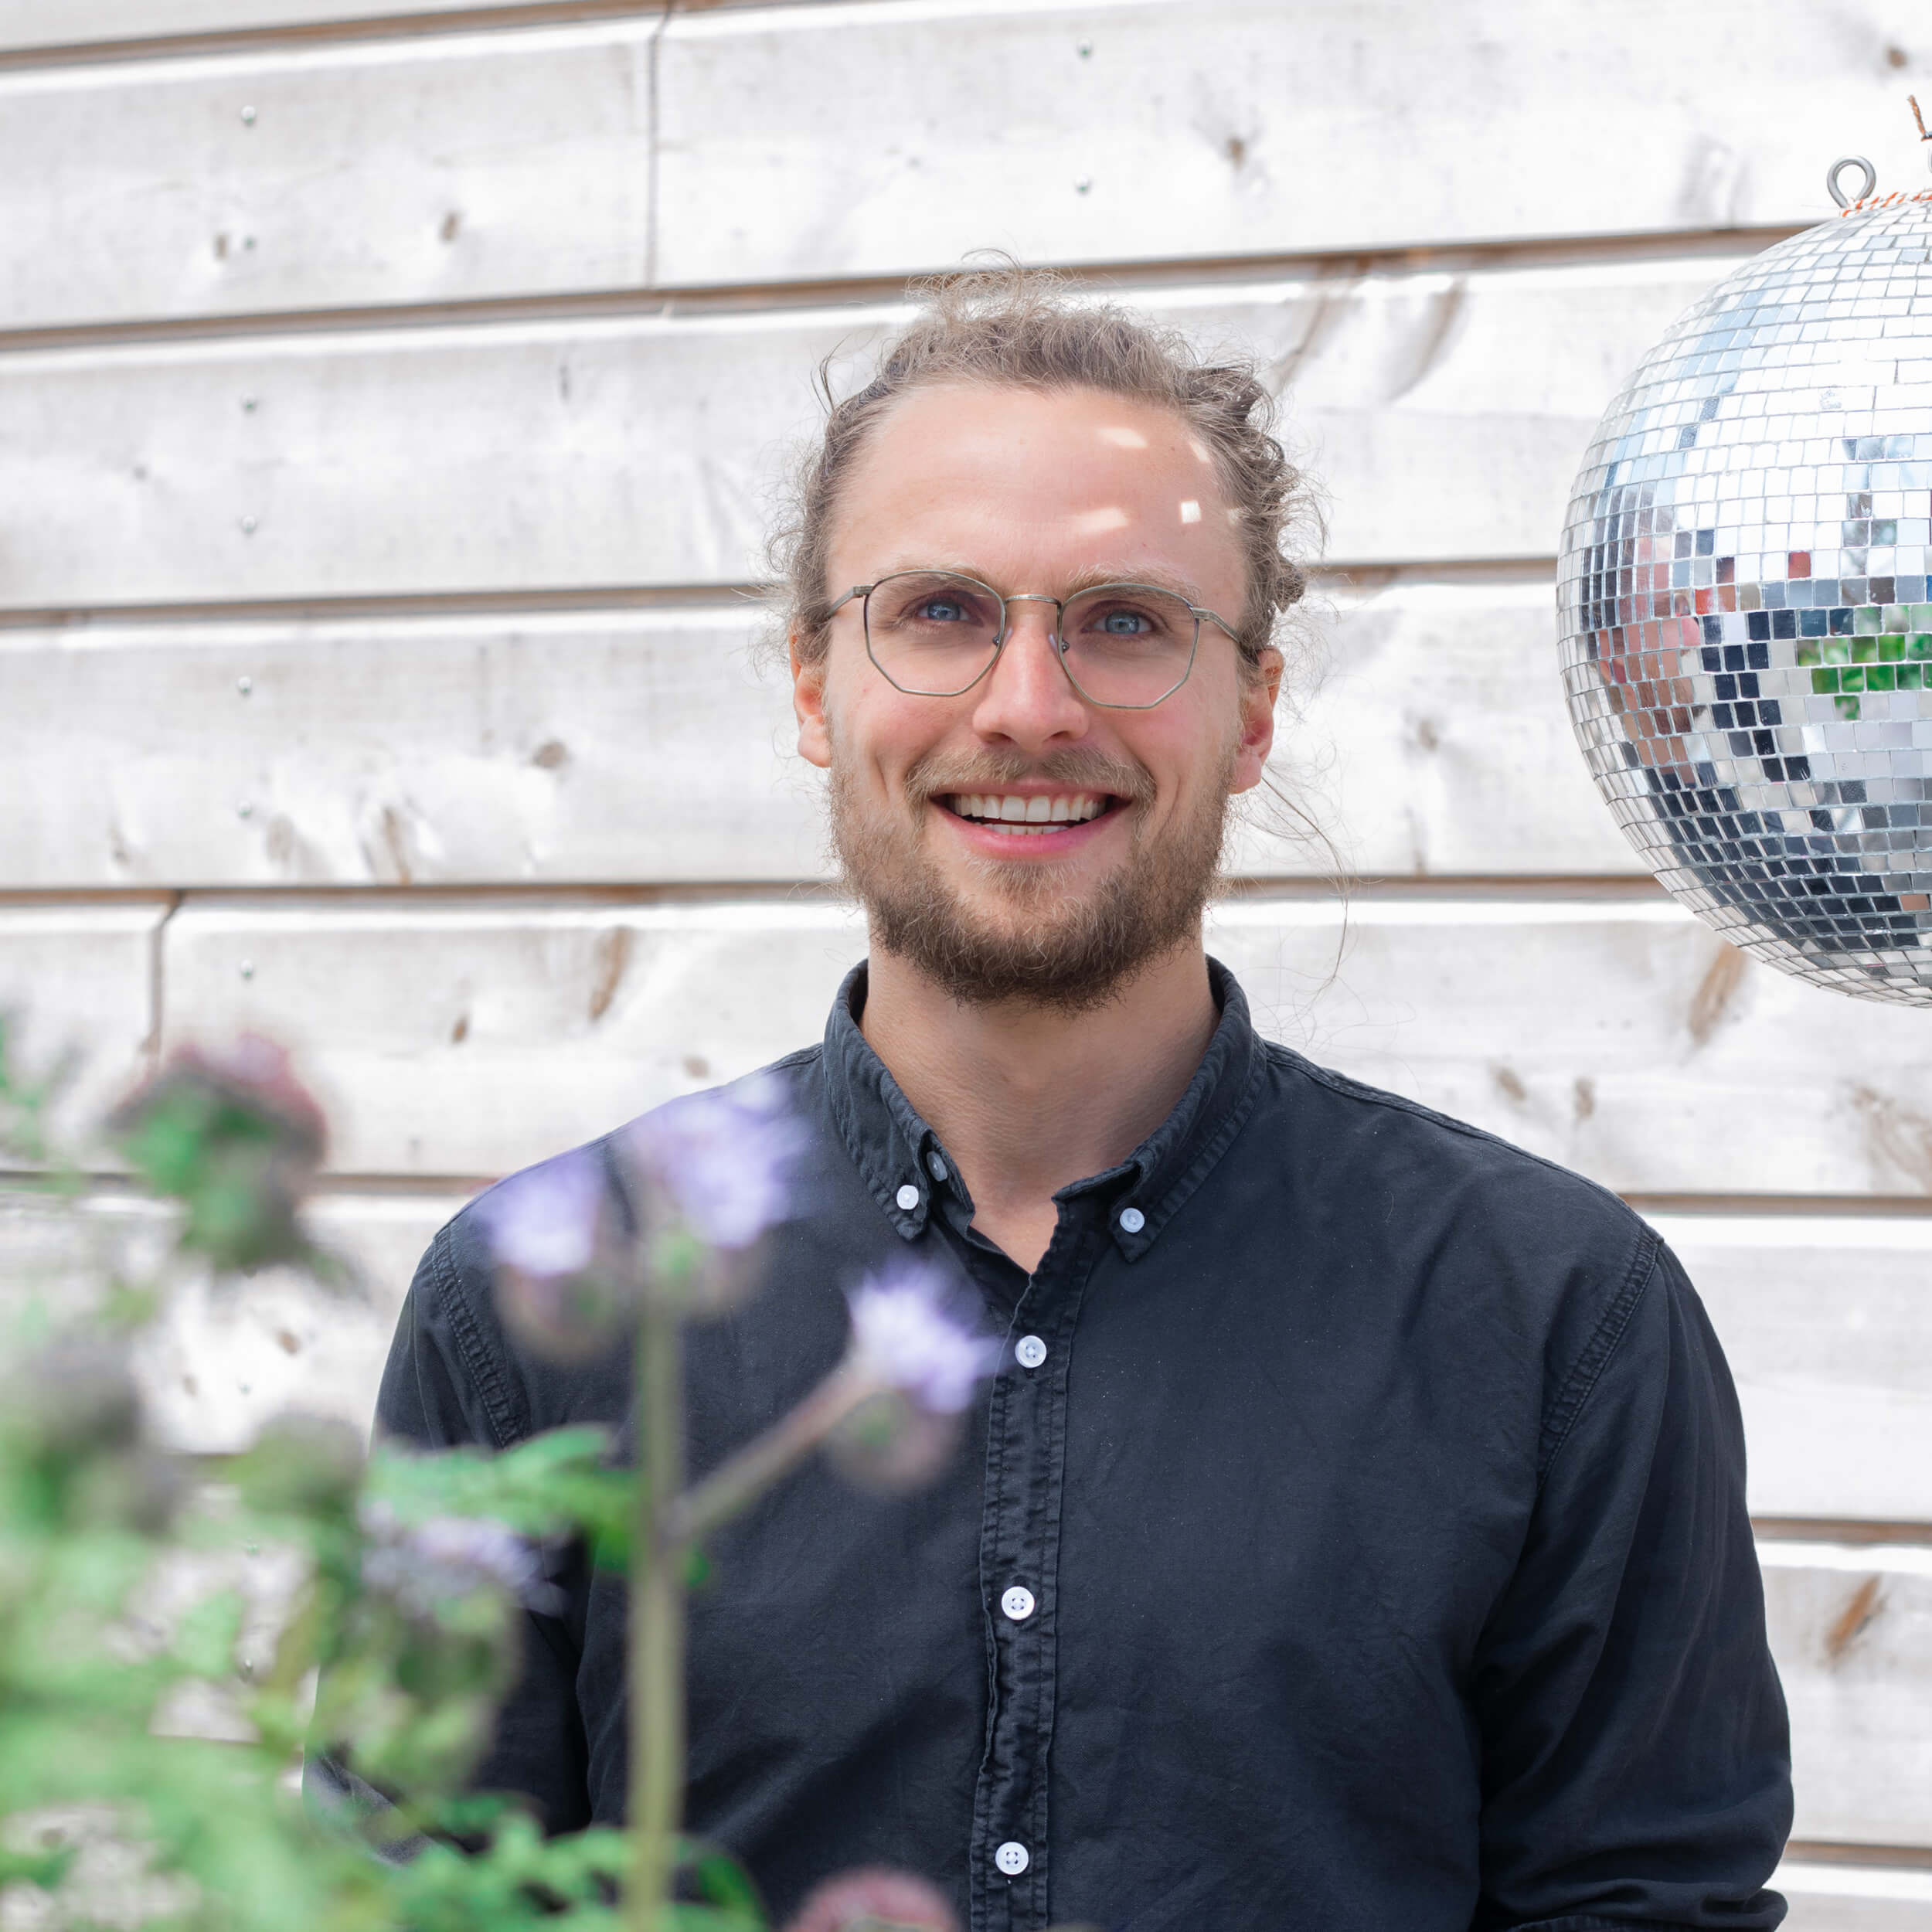 Q&A met Bas van den Berg: 'Het begon allemaal bij de Keilewerf. Samen hebben met Lenard hebben we de Keilewerf gebracht tot waar het nu is. En daar was ineens De Kroon; nog meer plek voor makers, denkers en doeners!'